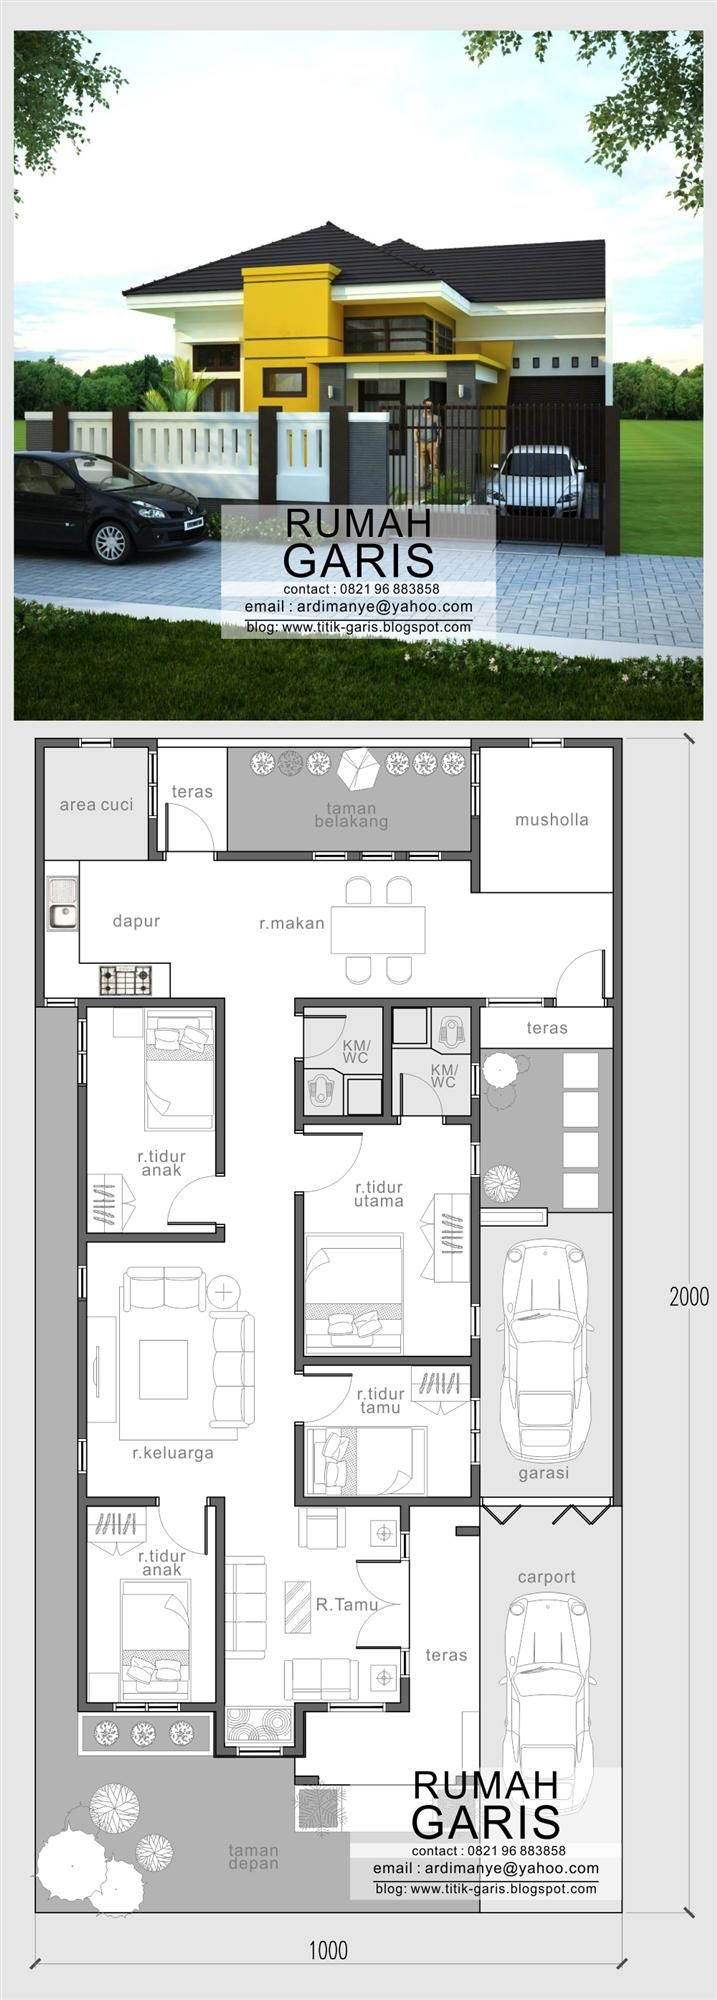 jasa desain rumah tinggal 1 lantai milik Ibu Saskiah di Kab. Bone, SulSel #jasadesain #konsultan #arsitek #rumah #idaman #makassar